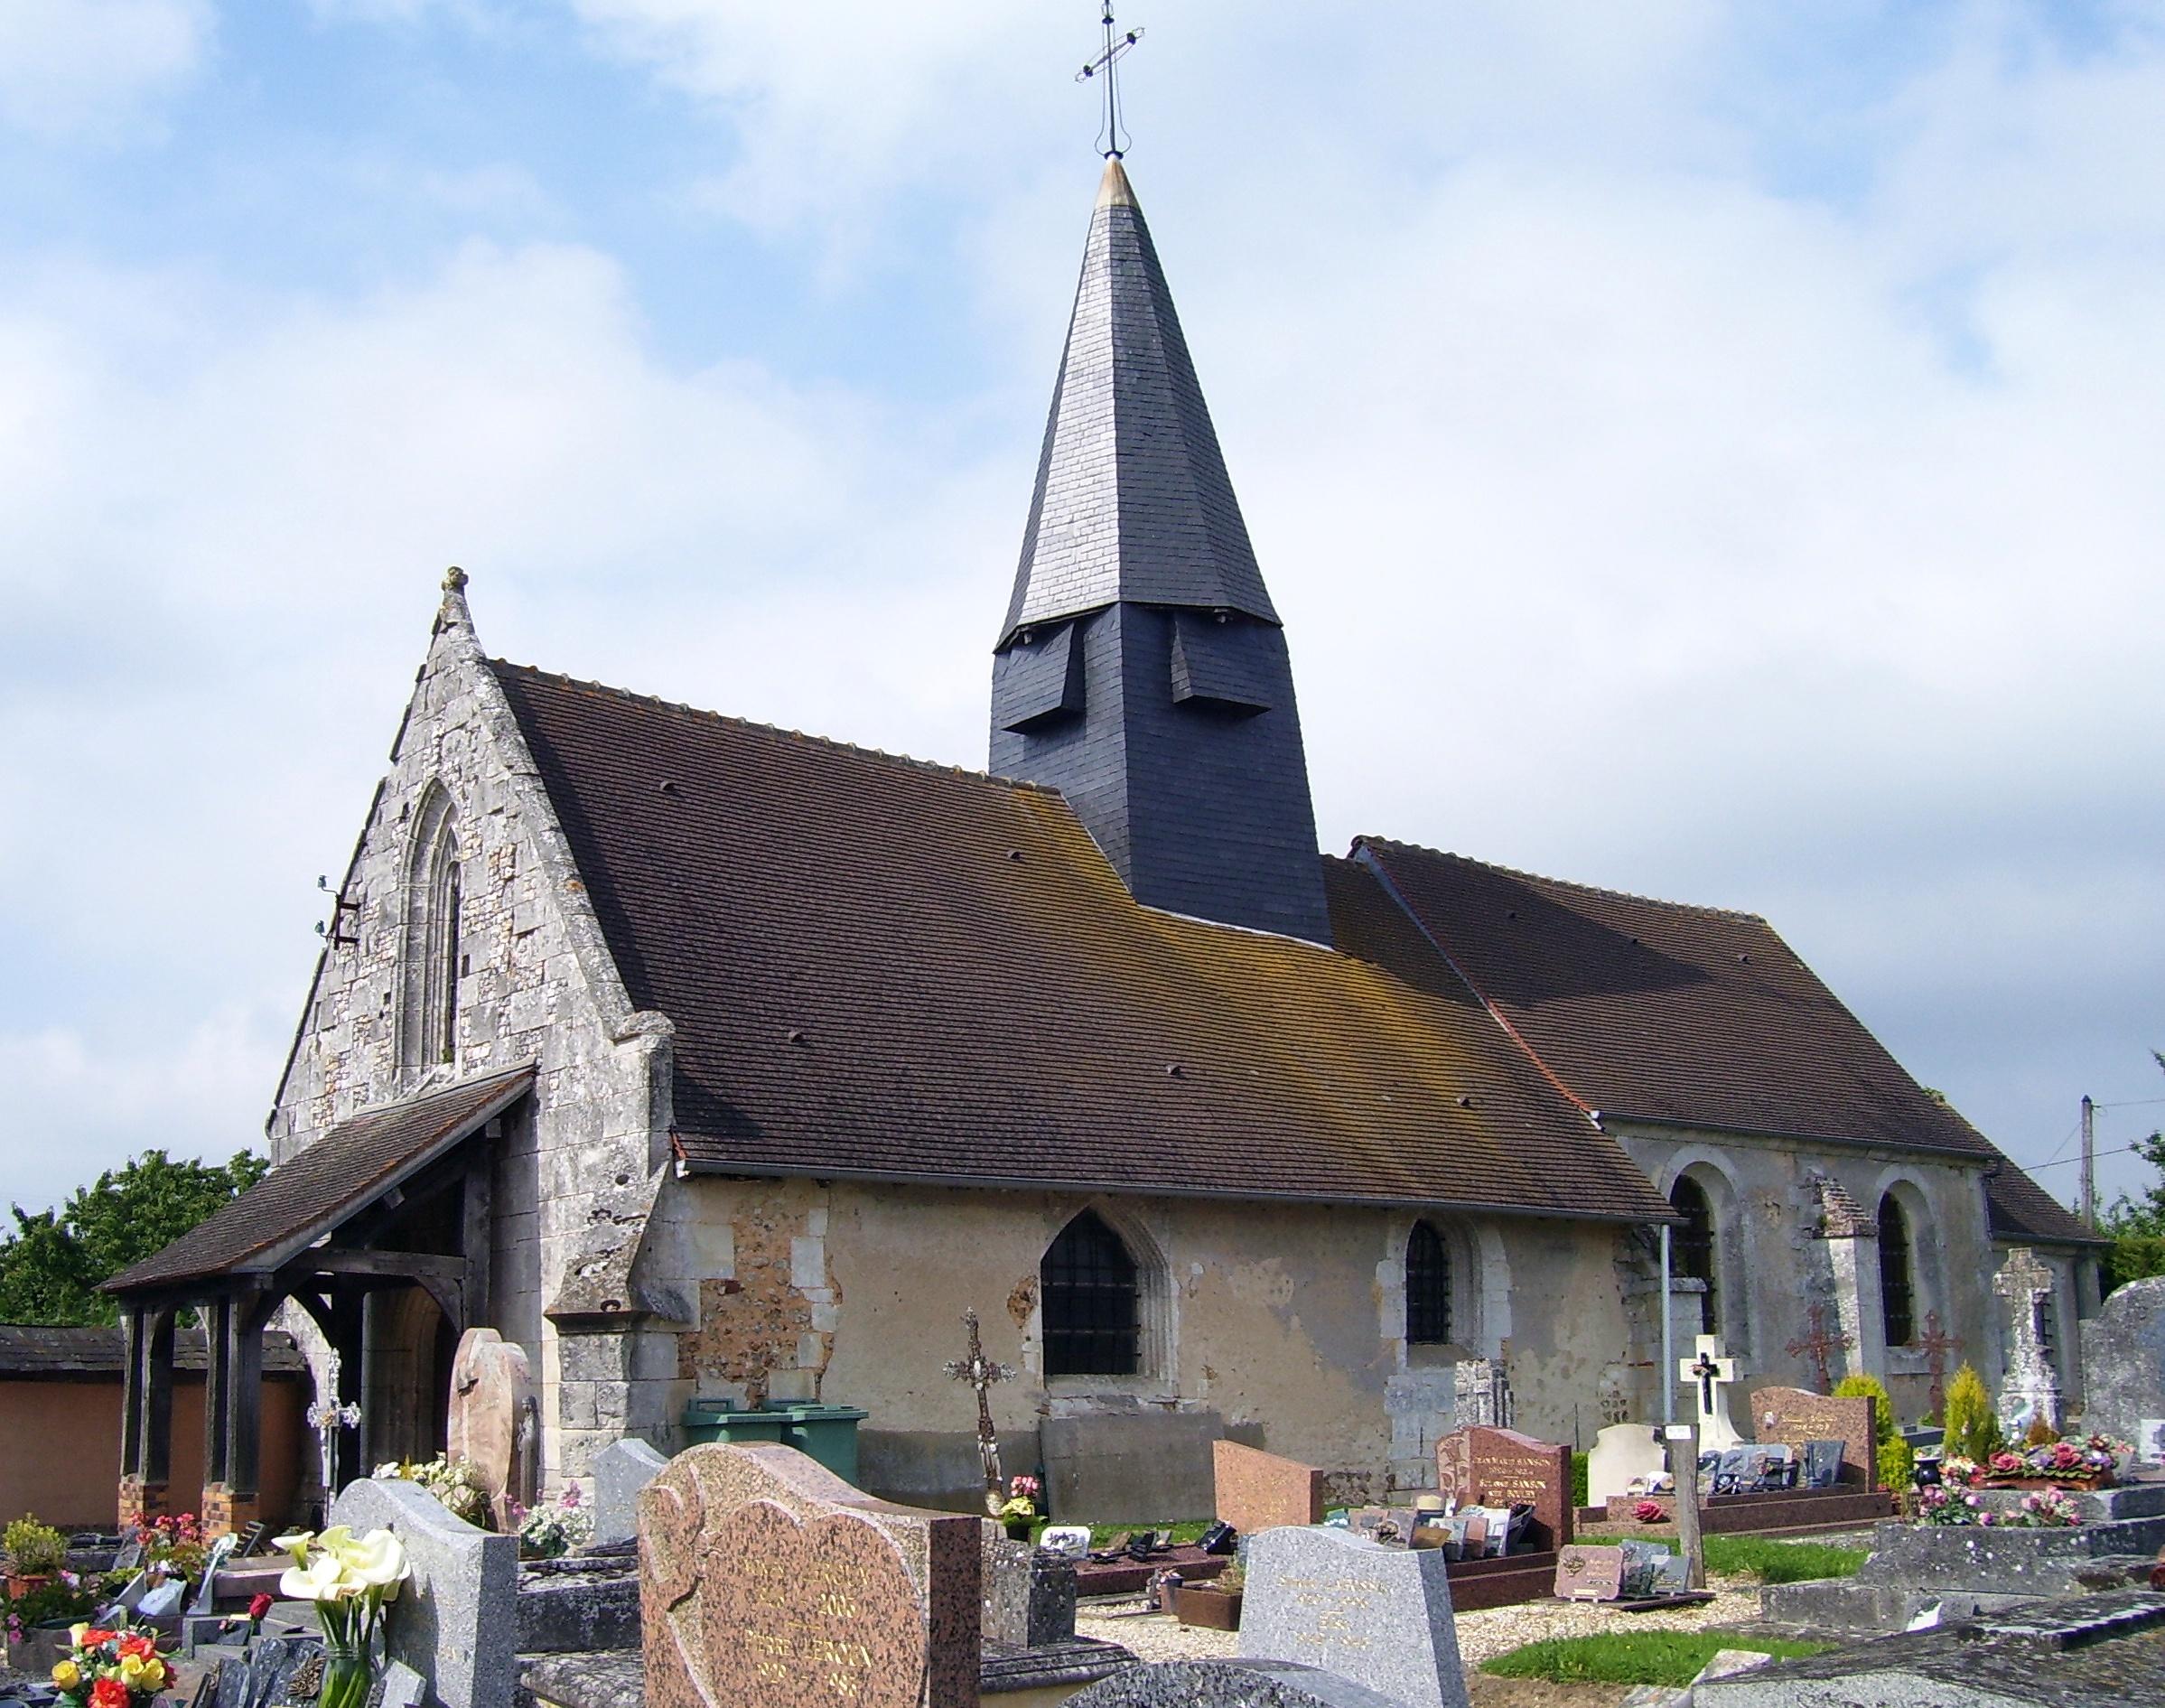 die Église Notre-Dame in Franqueville, eigenes Foto, Lizenz:public domain/gemeinfrei